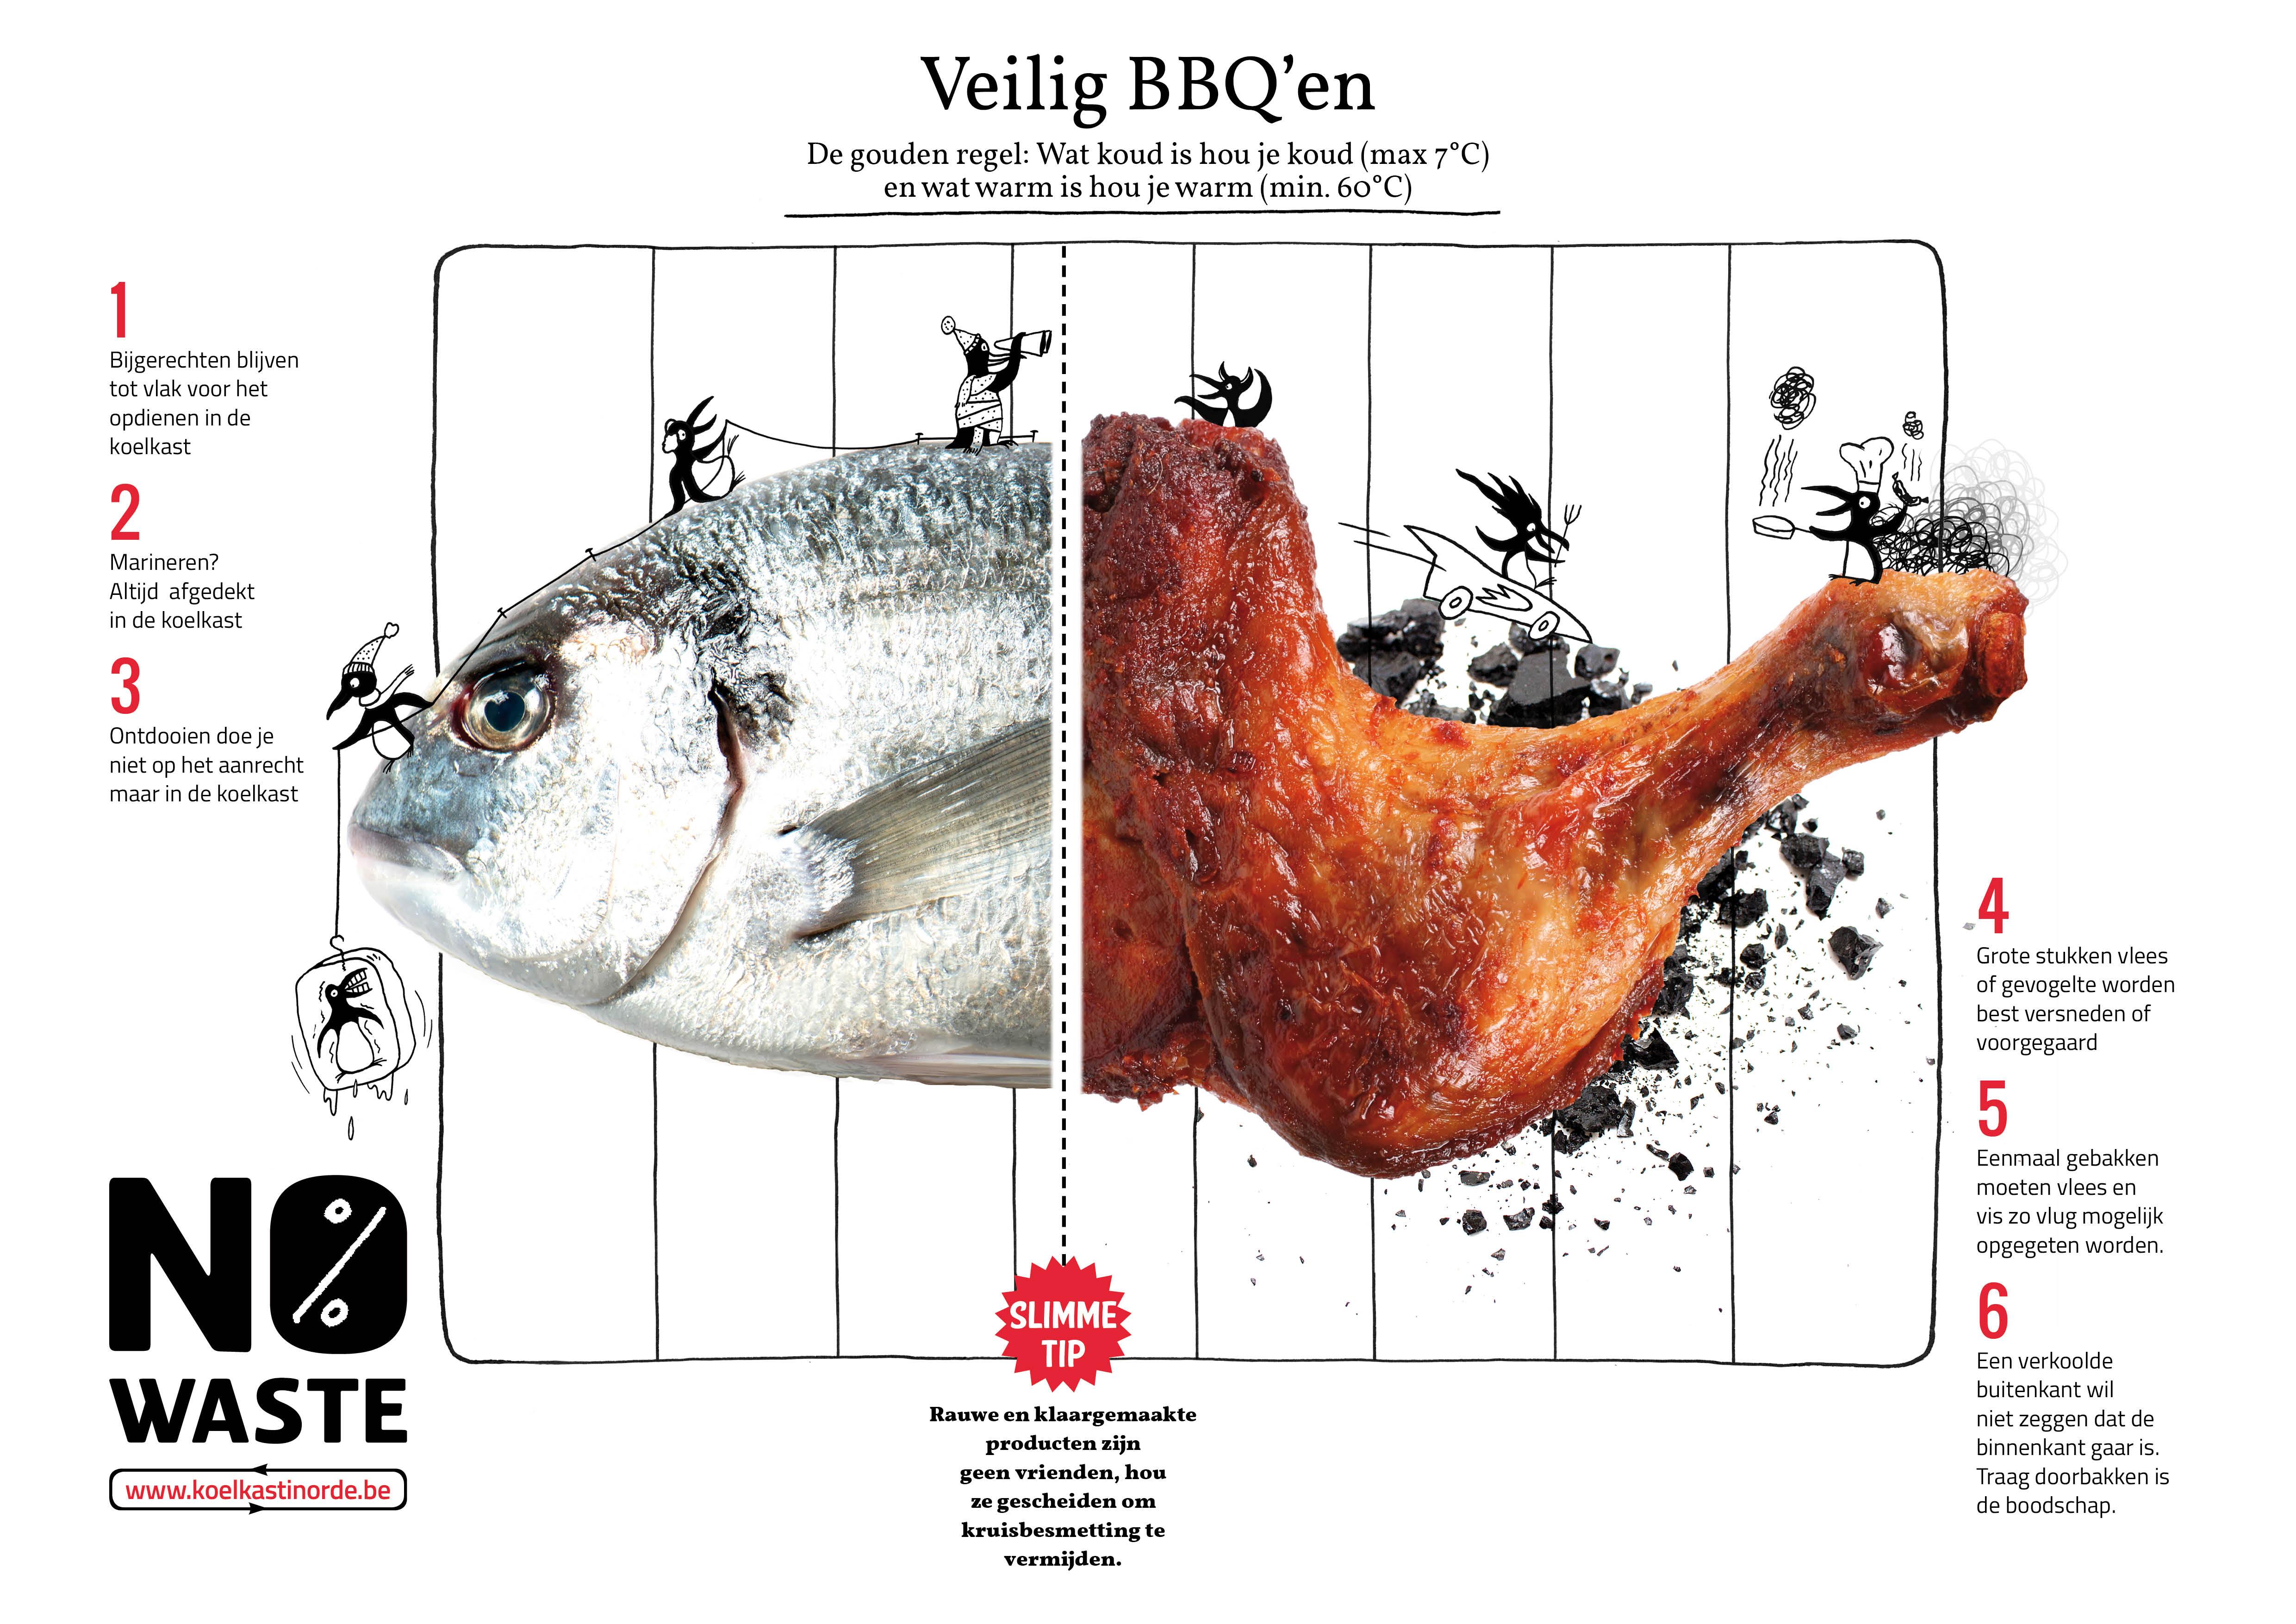 BBQ-veilig-infografiek